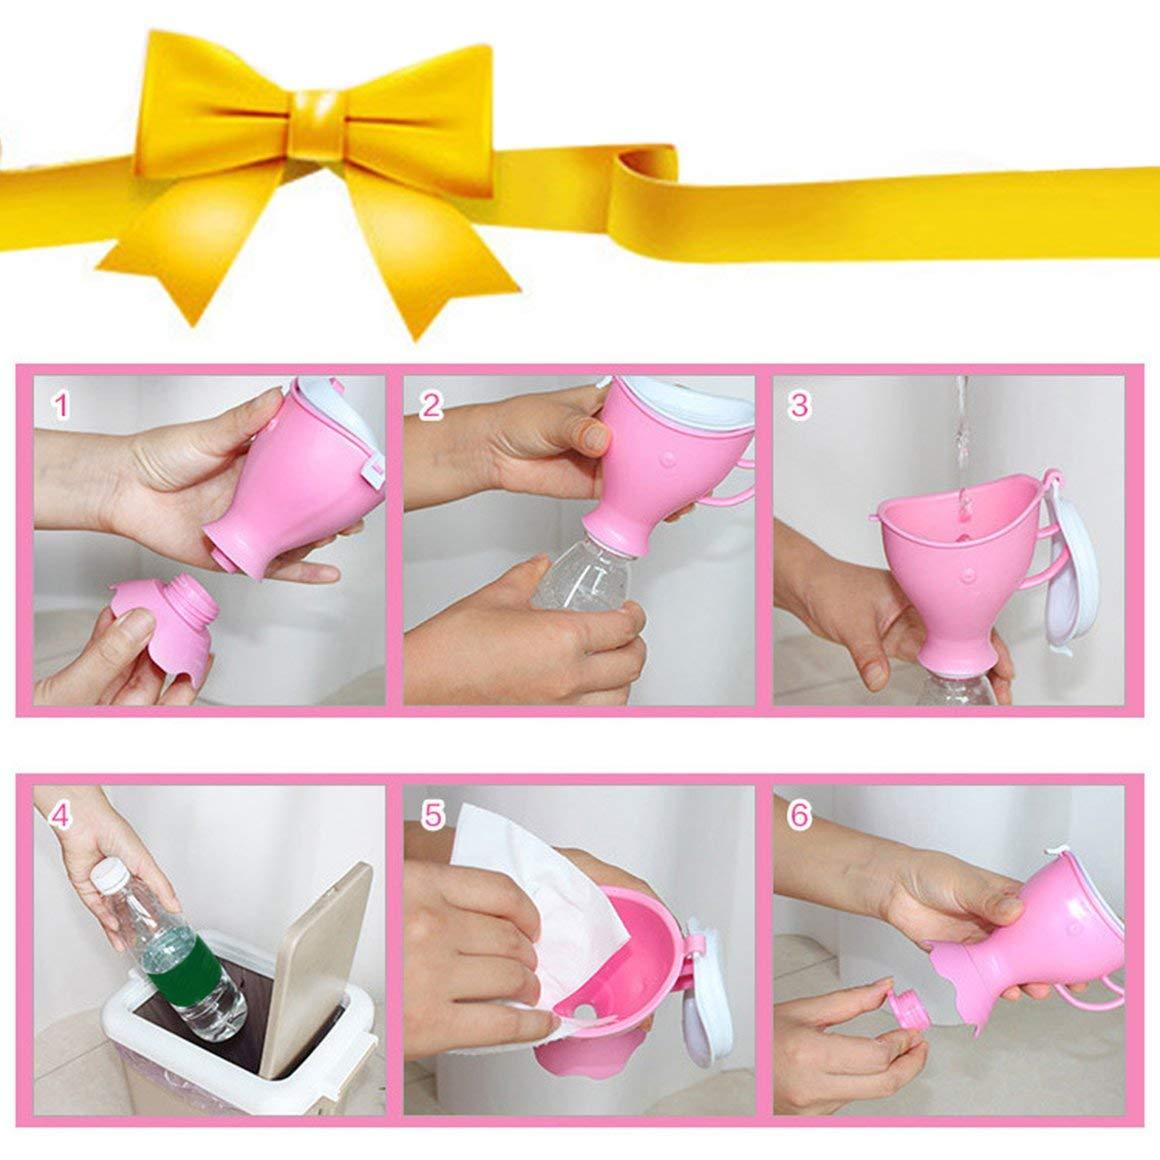 Funnyrunstore orinatoio portatile per bambini pratico vasino pip/ì campeggio auto toilette bambino unisex per uso domestico e viaggi non tossico non odore colore: rosa